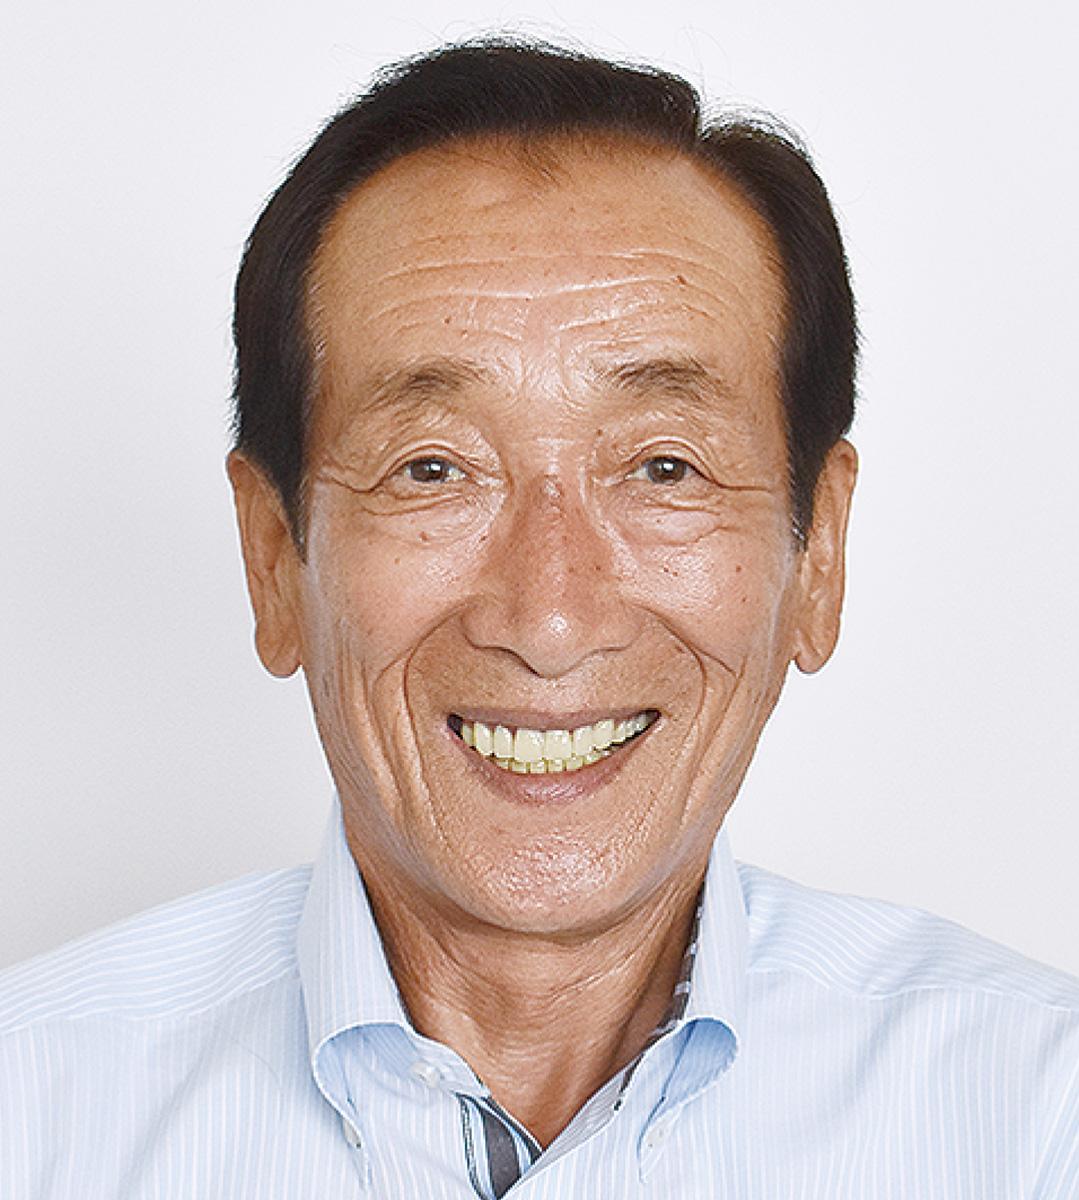 会長 佐藤 春雄さん